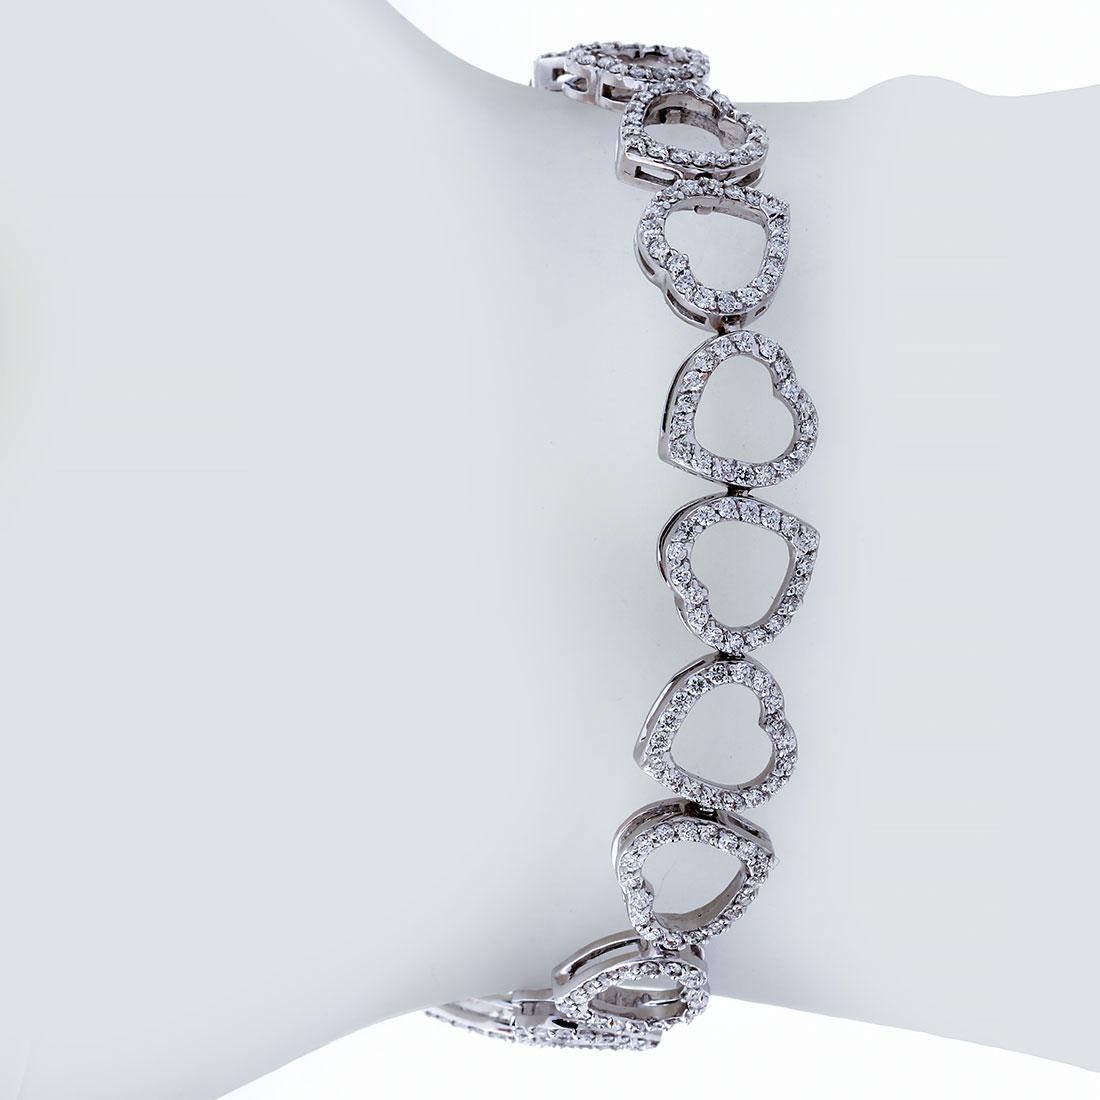 دستبند برليان 73091 C گوهربين goharbin